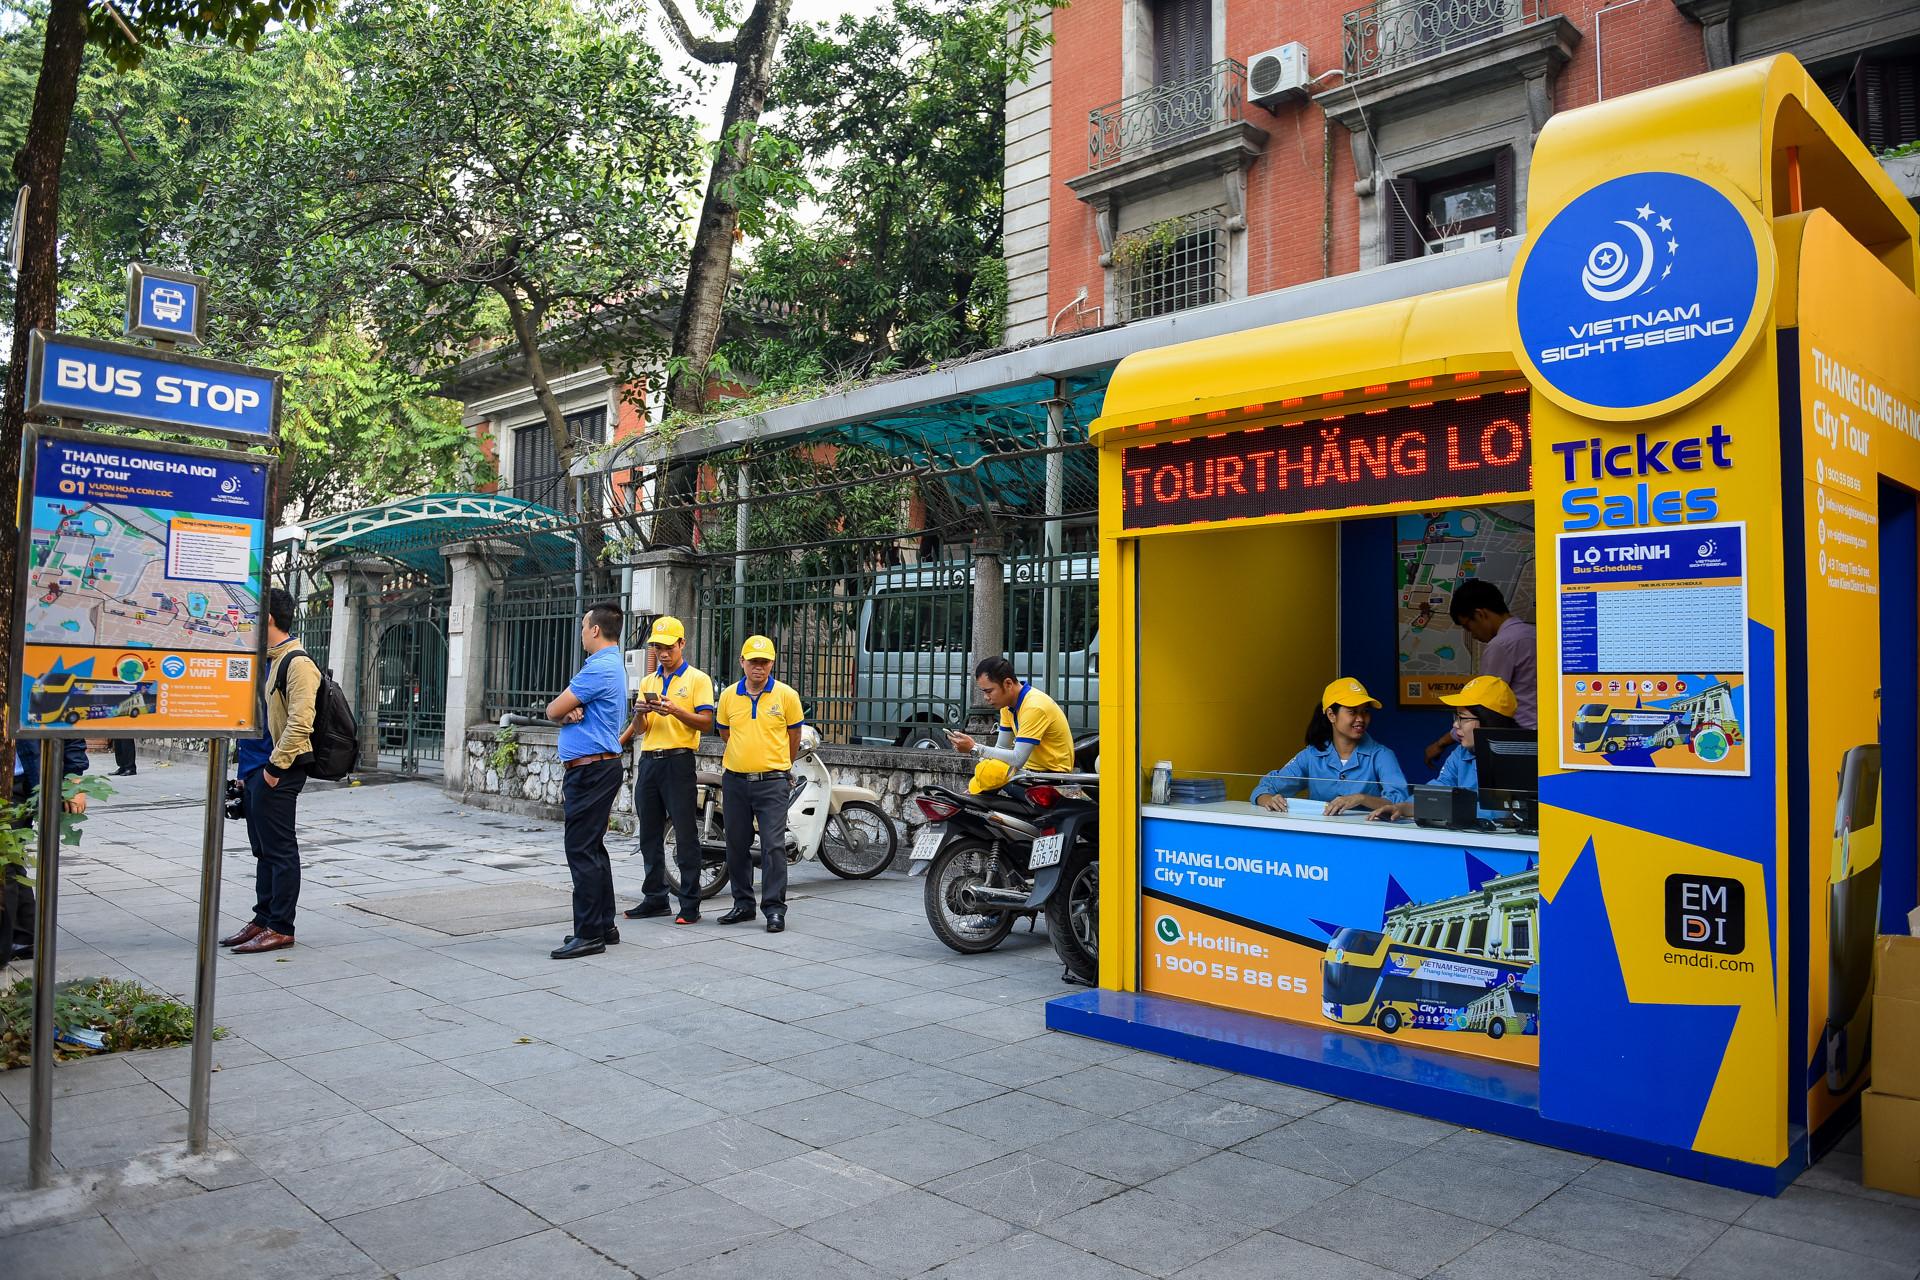 Xe buýt 2 tầng màu mới xuất hiện trên đường Hà Nội Ảnh 4